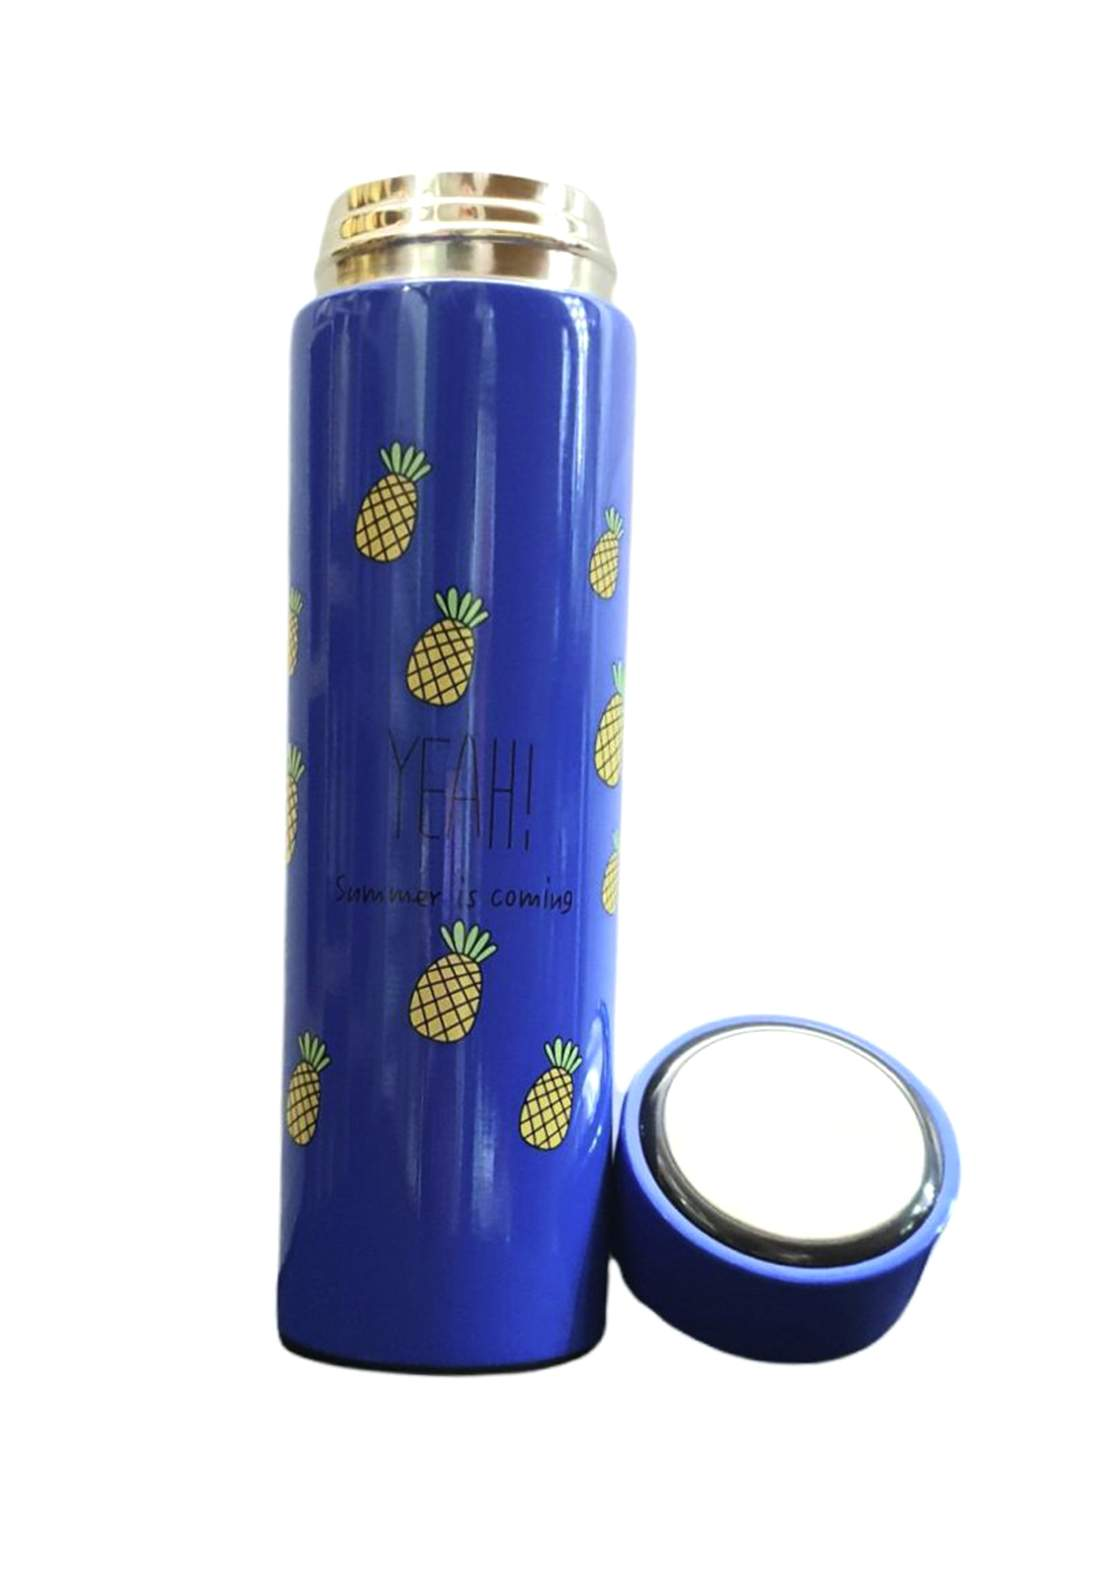 Vacuun Flask 412-5  ترمز